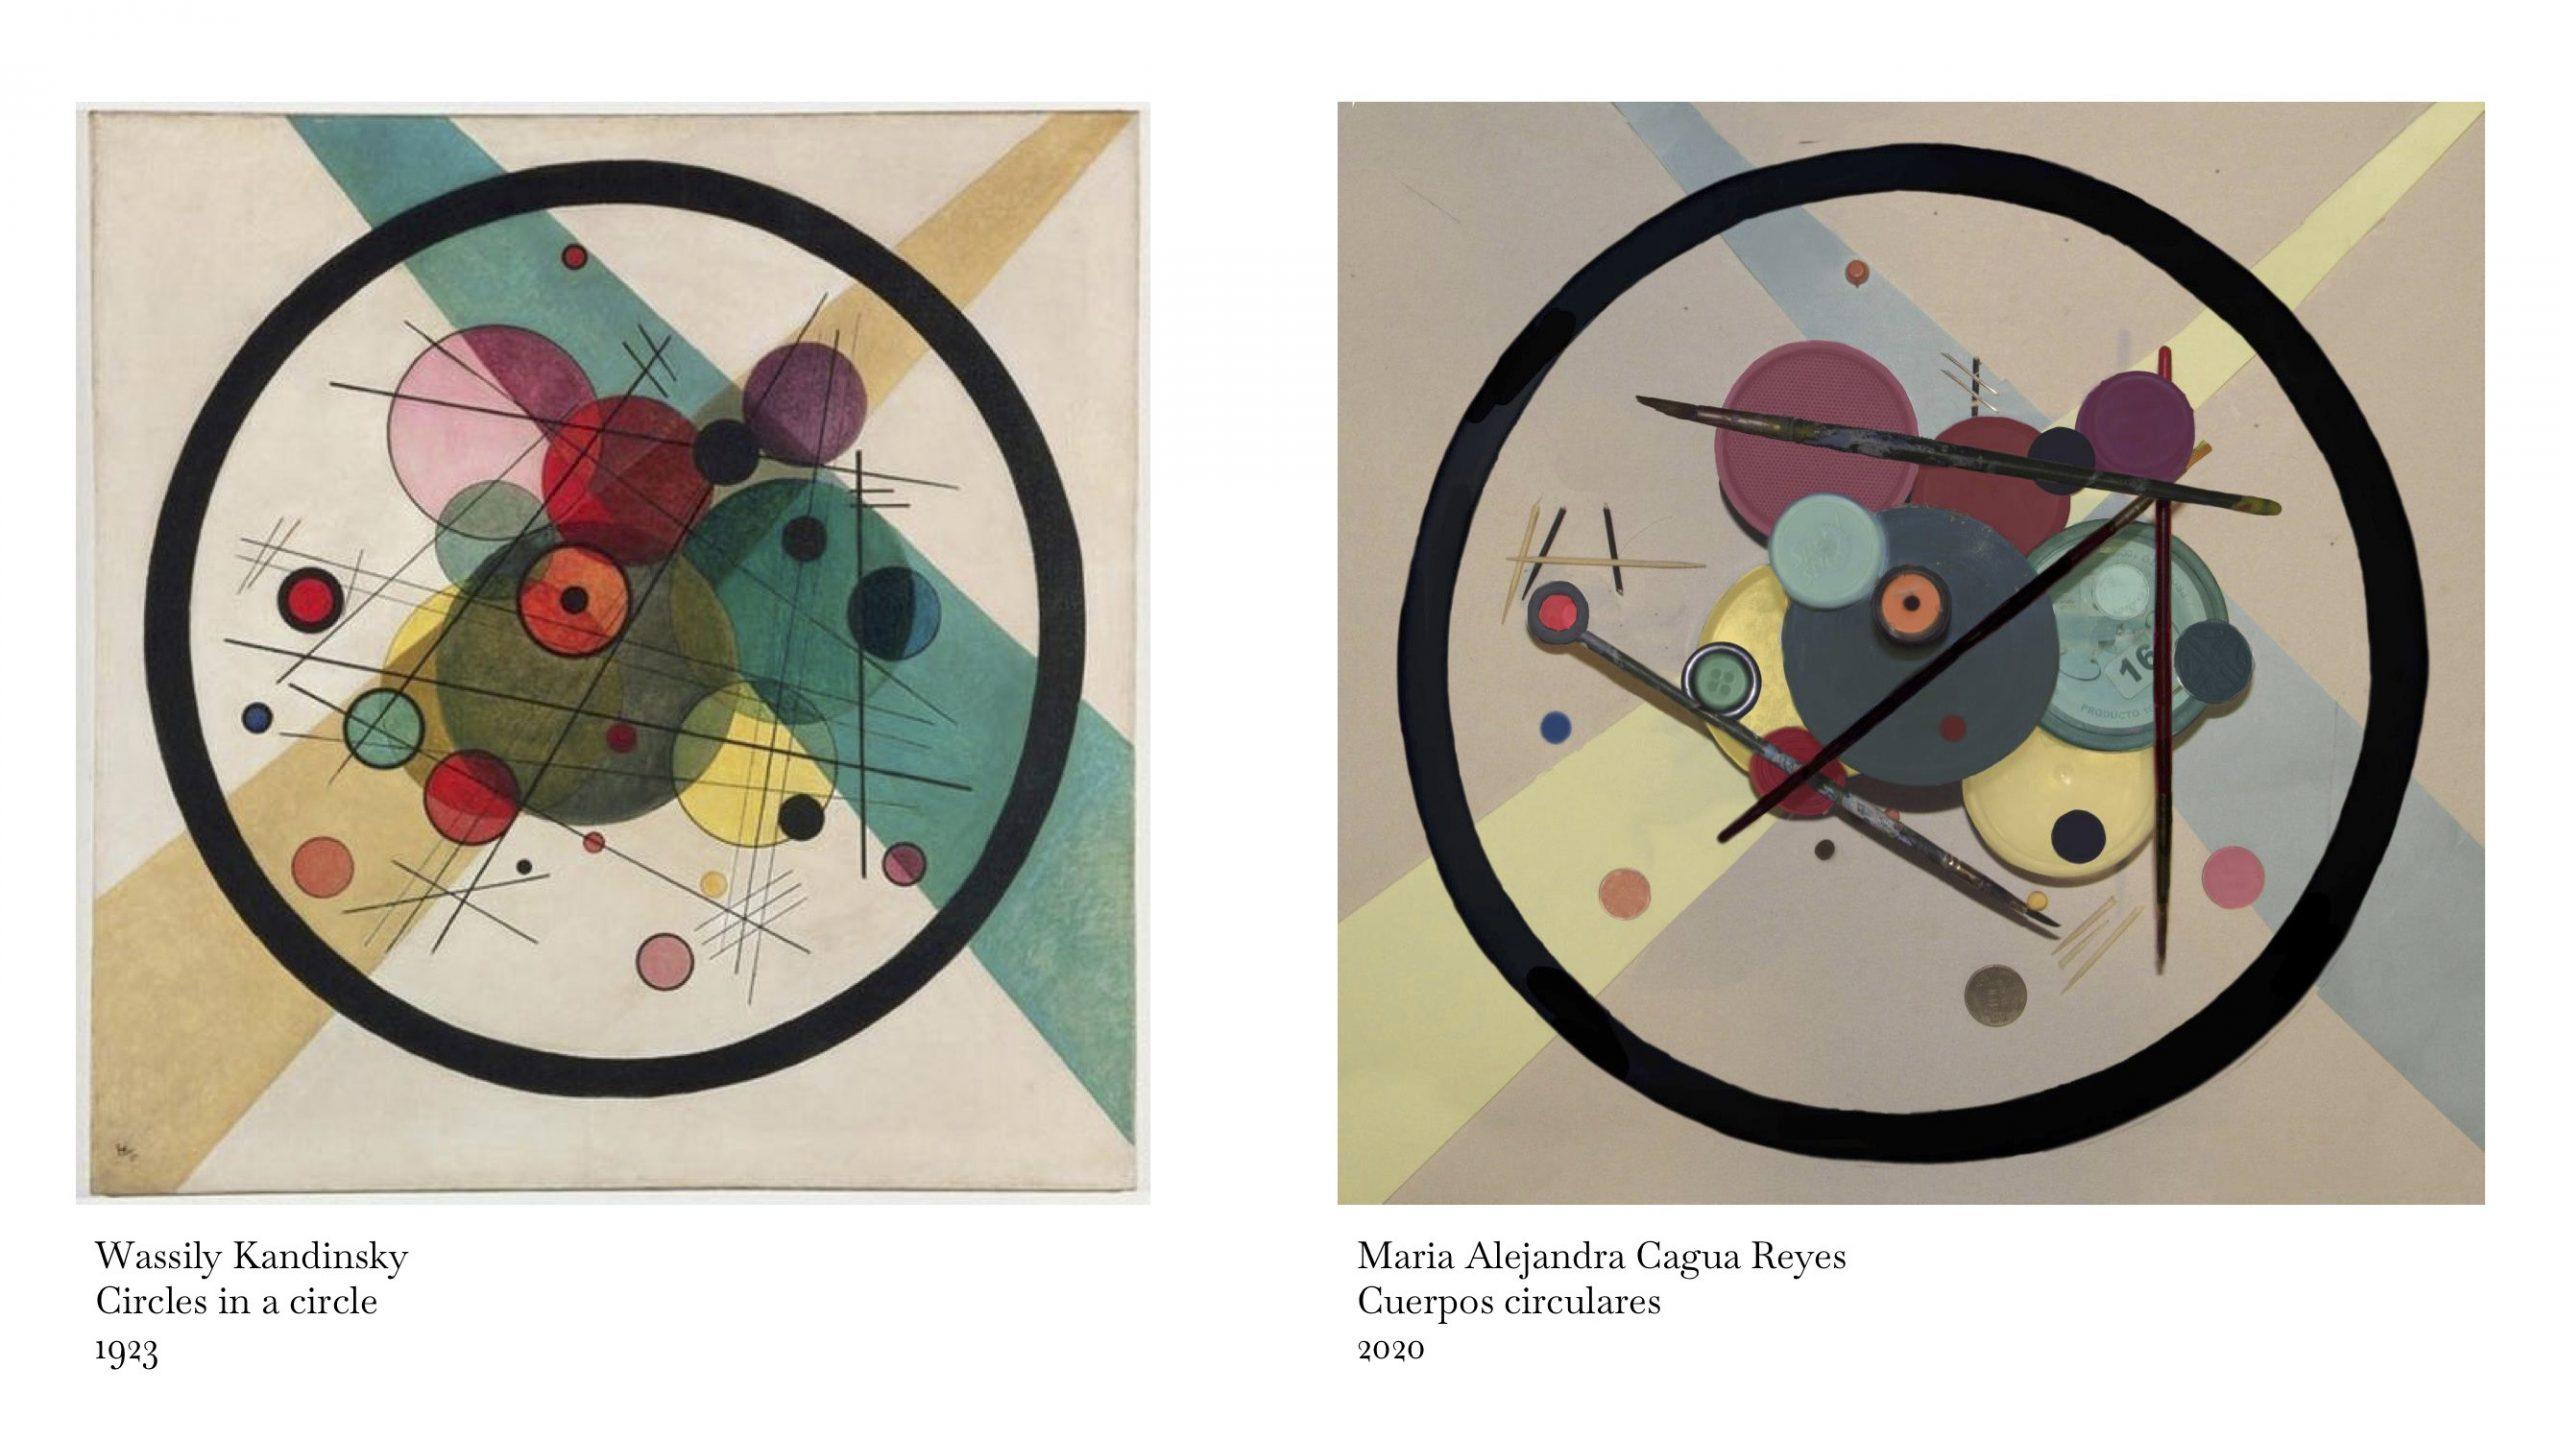 Cuerpos circulares – Maria Alejandra Cagua